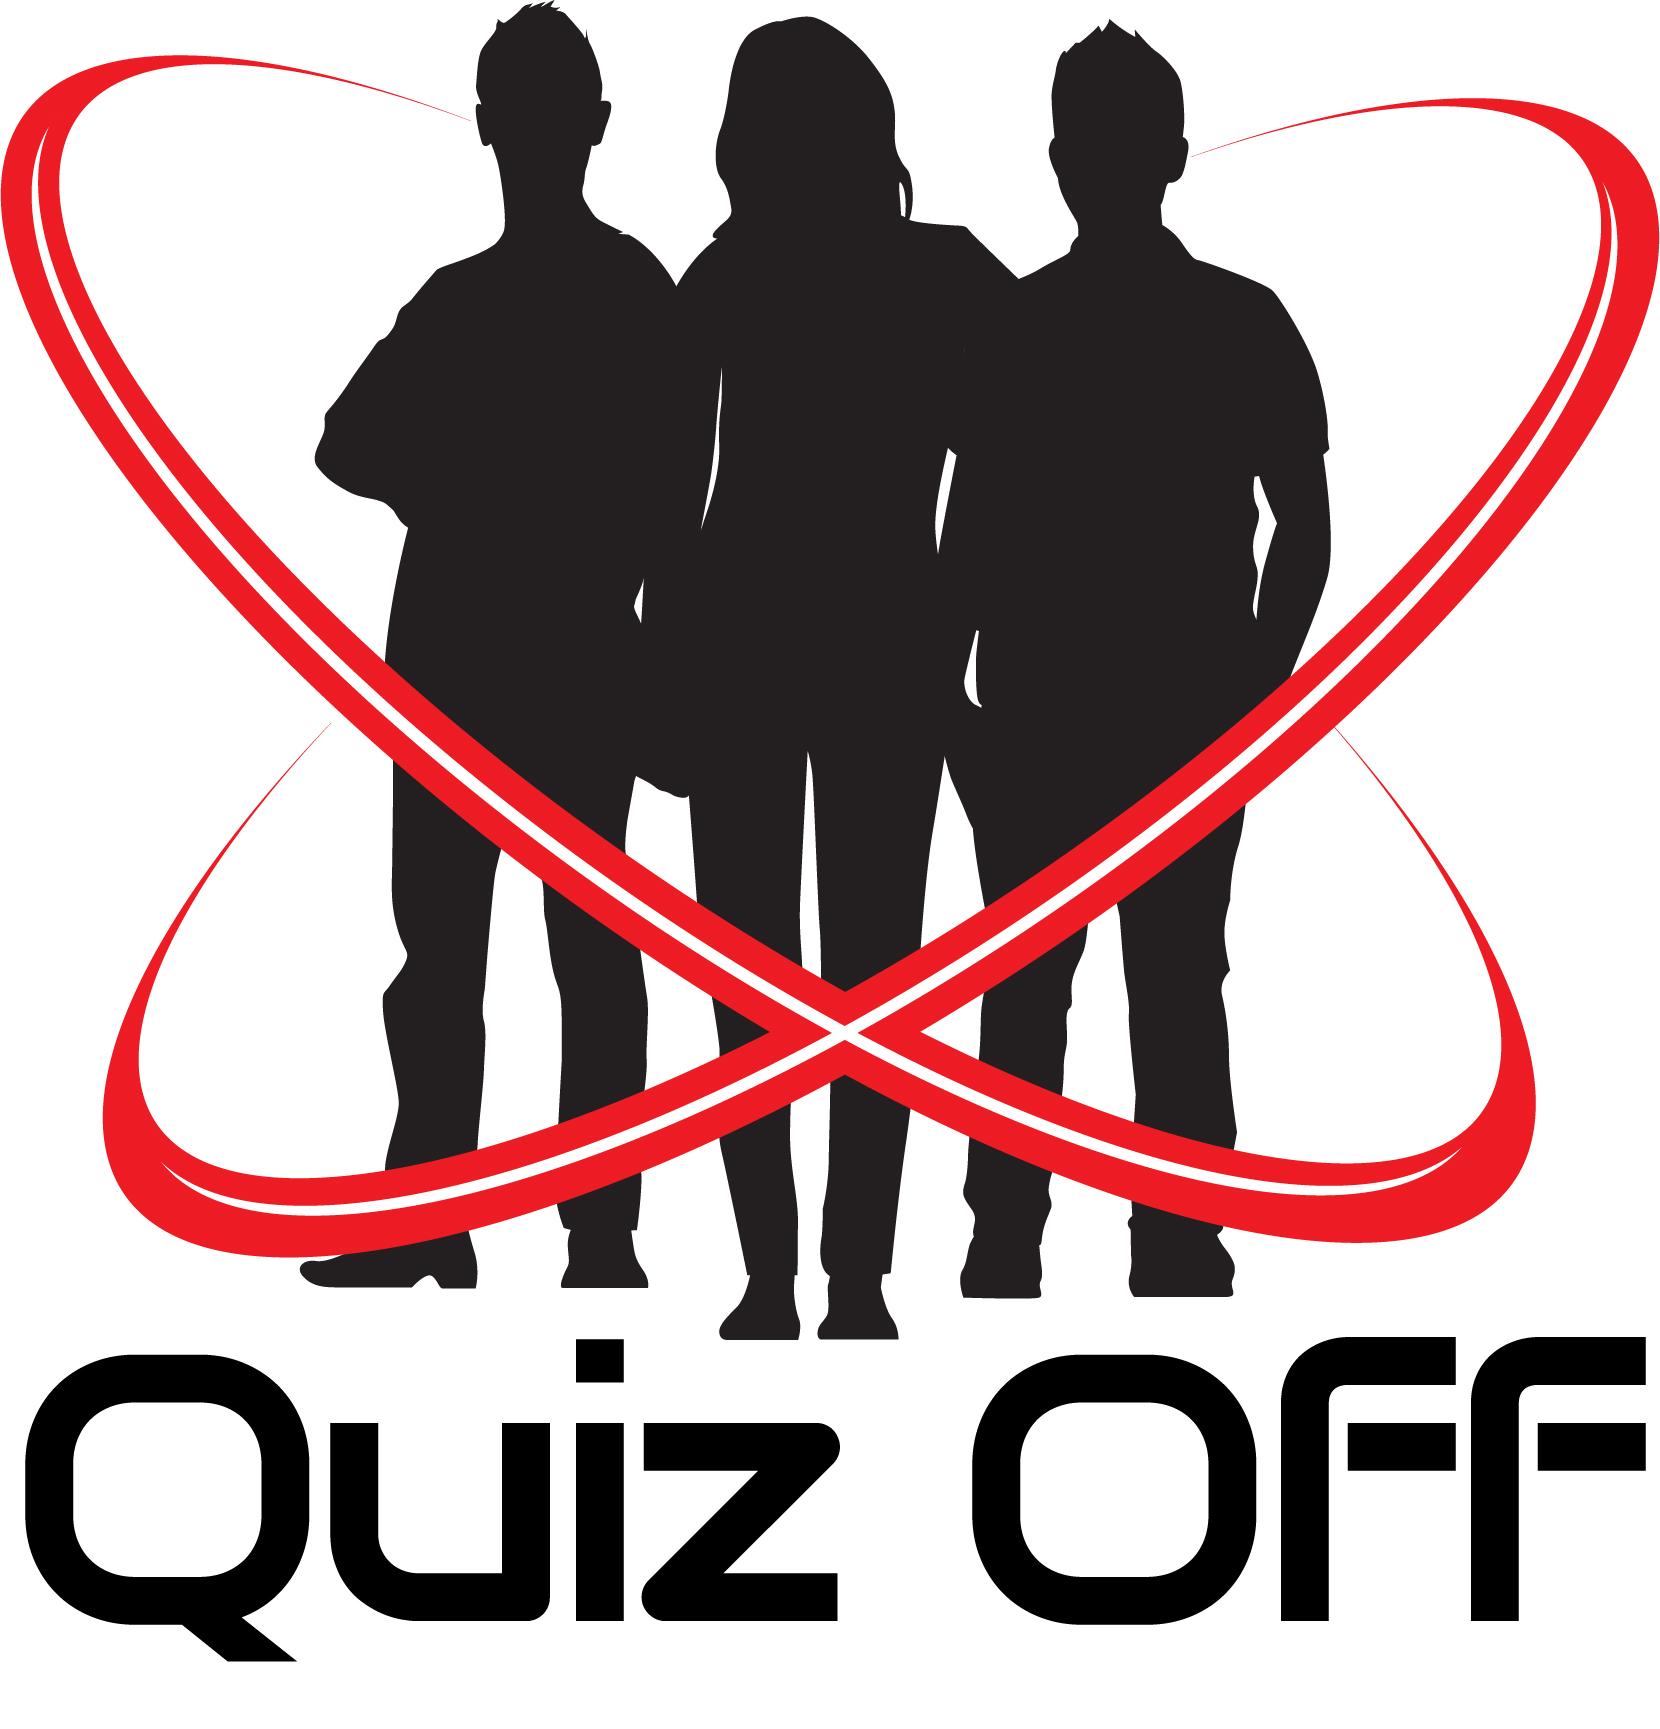 QuizOff_ActualLogo.jpg